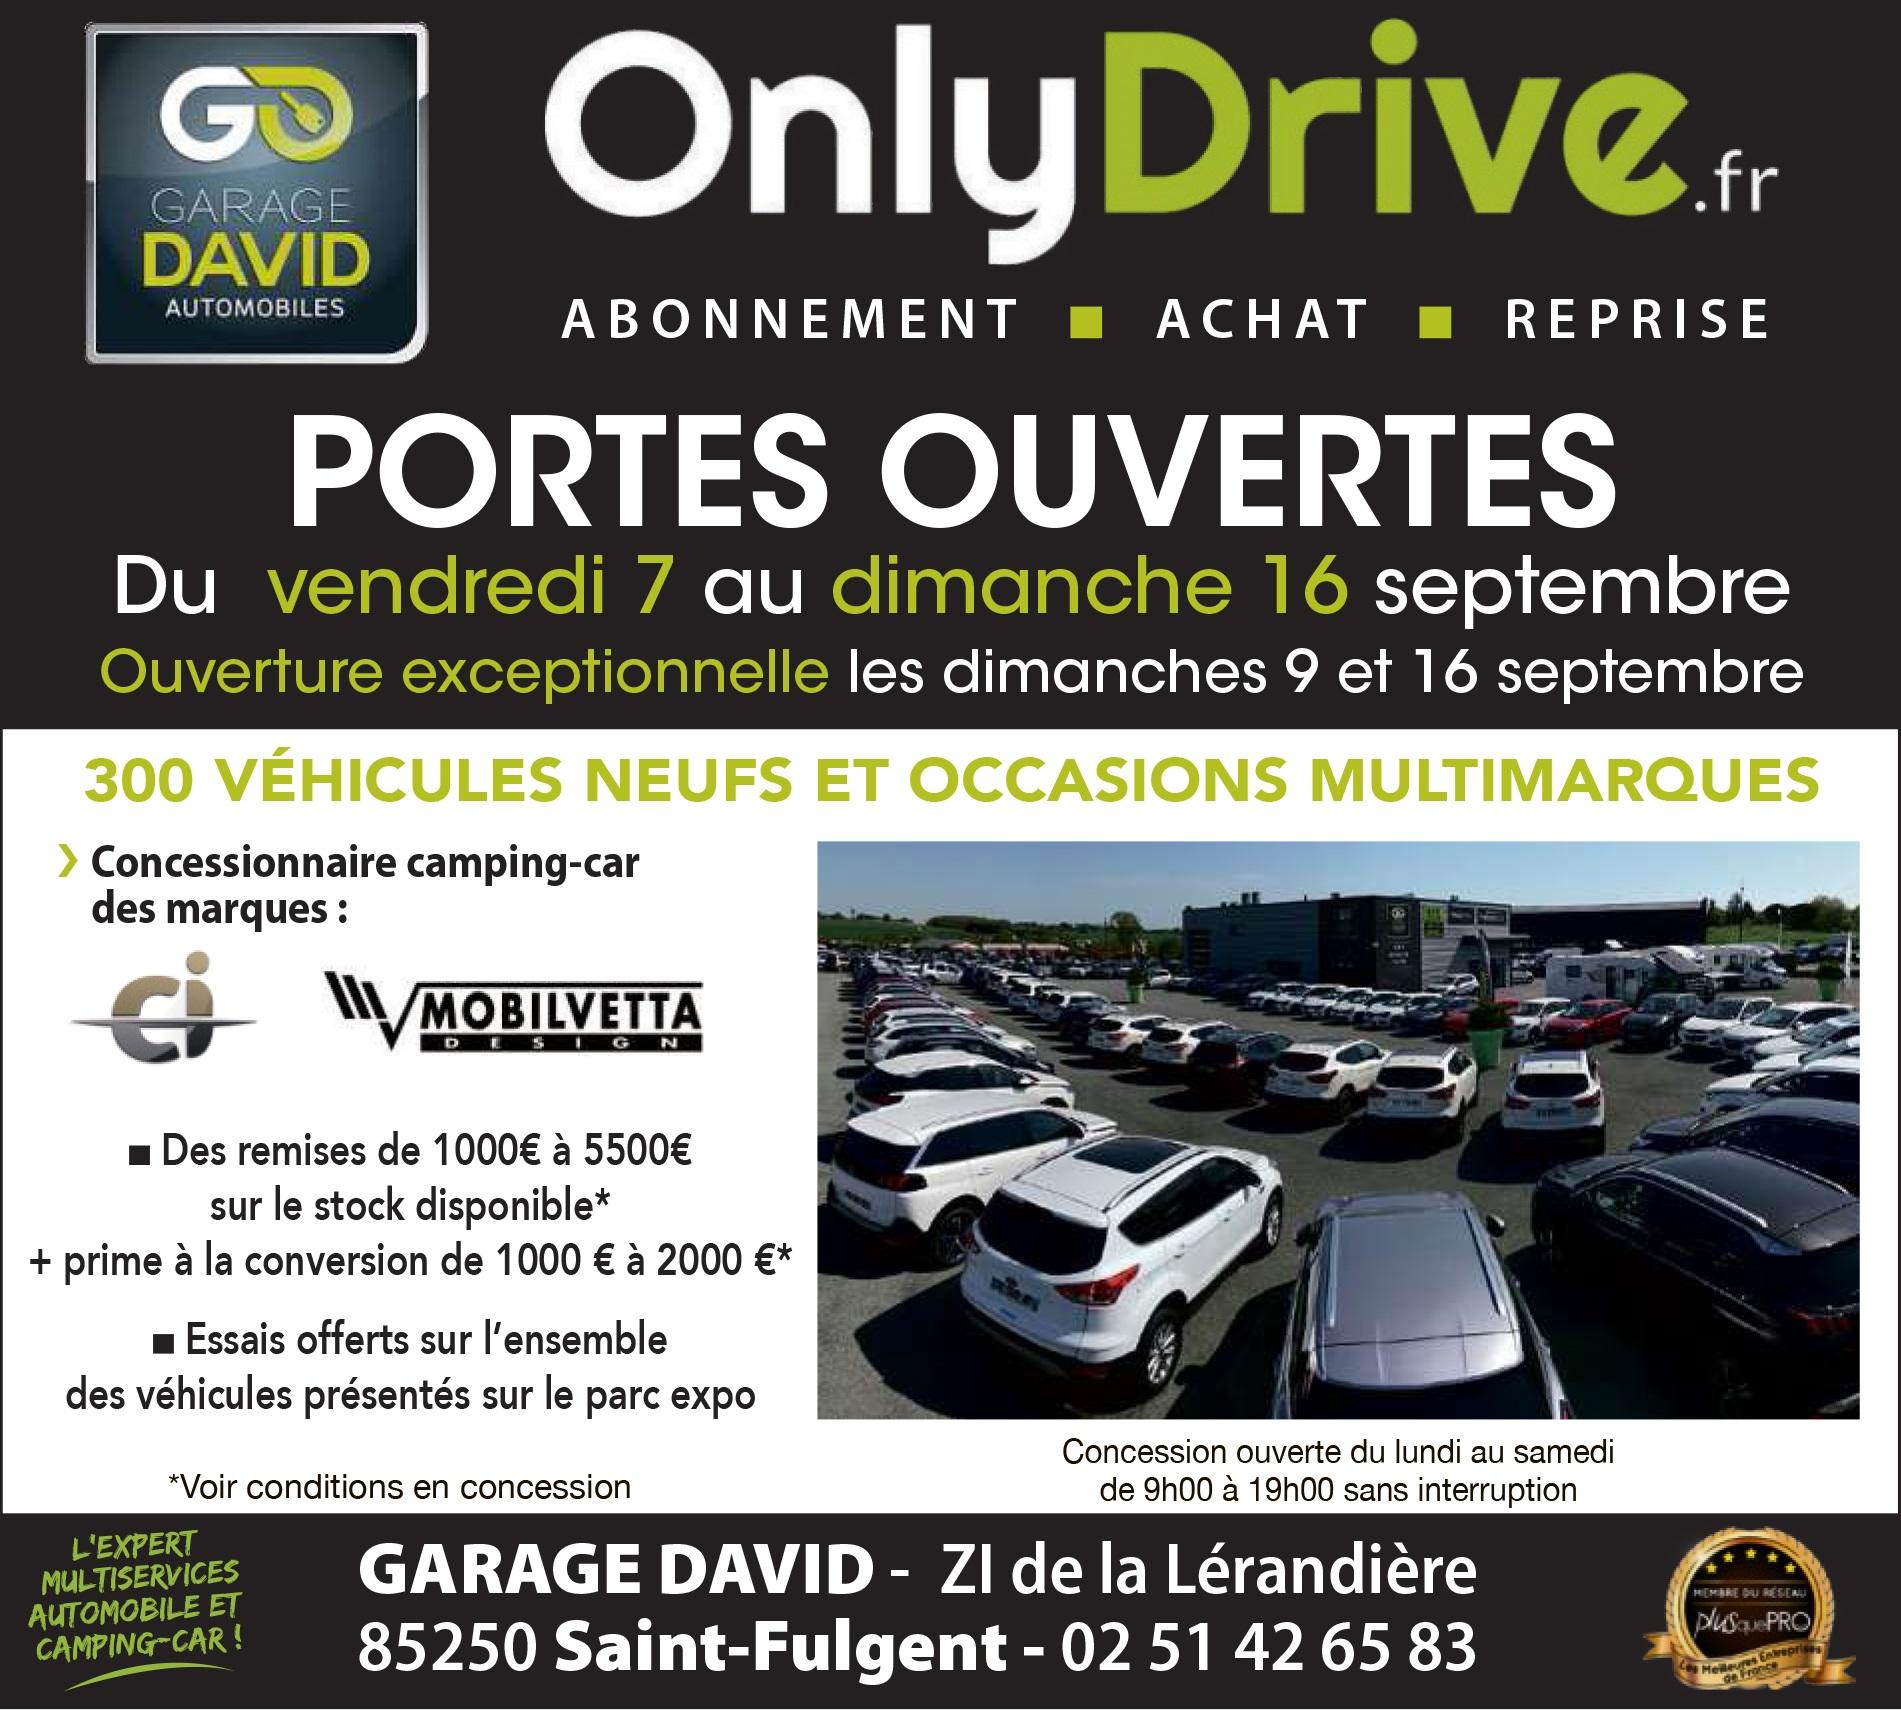 Portes ouvertes automobile et camping-car du 7 au 16 septembre 2018 avec une ouverture exceptionnelle les dimanche 9 et 16 septembre au Garage David Onlydrive à Saint Fulgent en Vendée